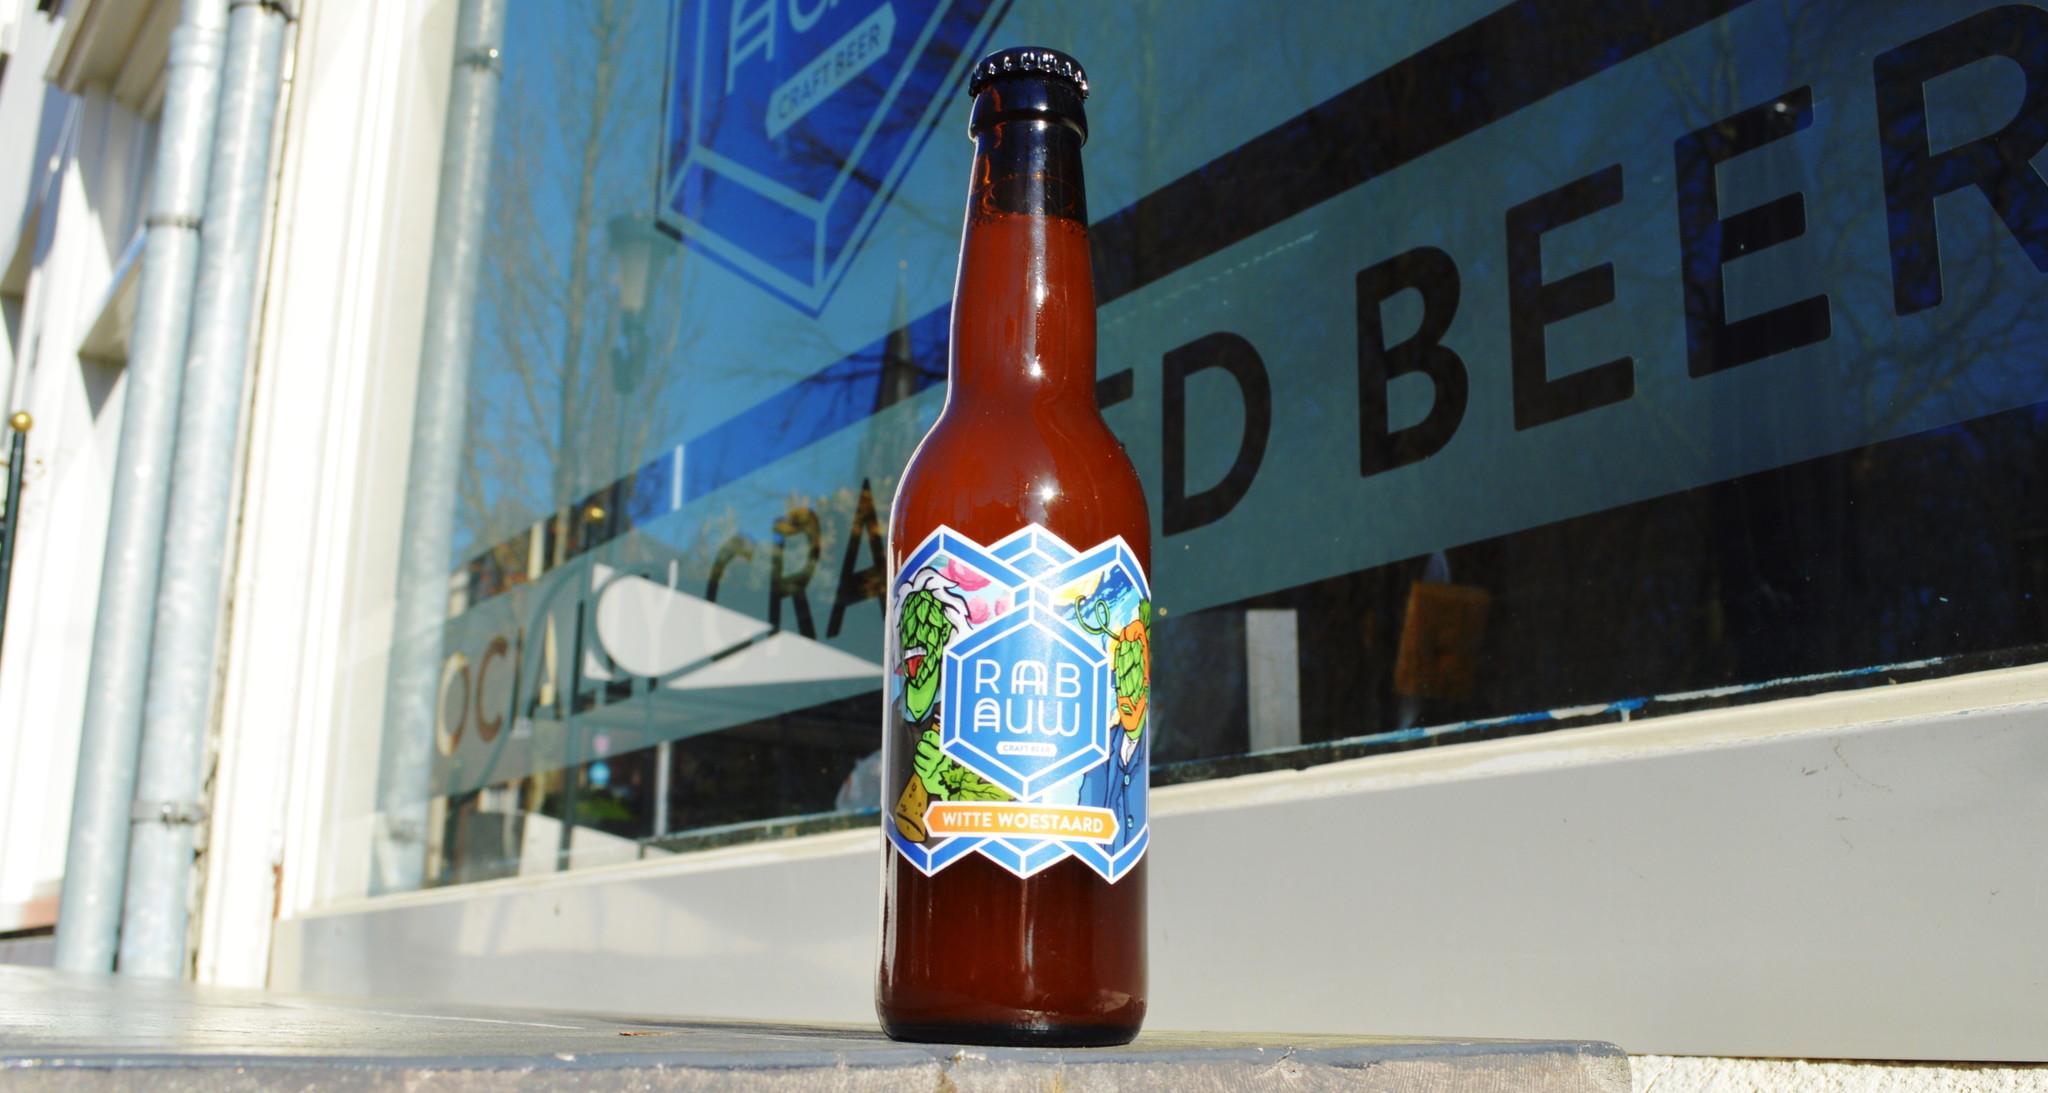 Rabauw opent nieuwe brouwerij in Eindhoven